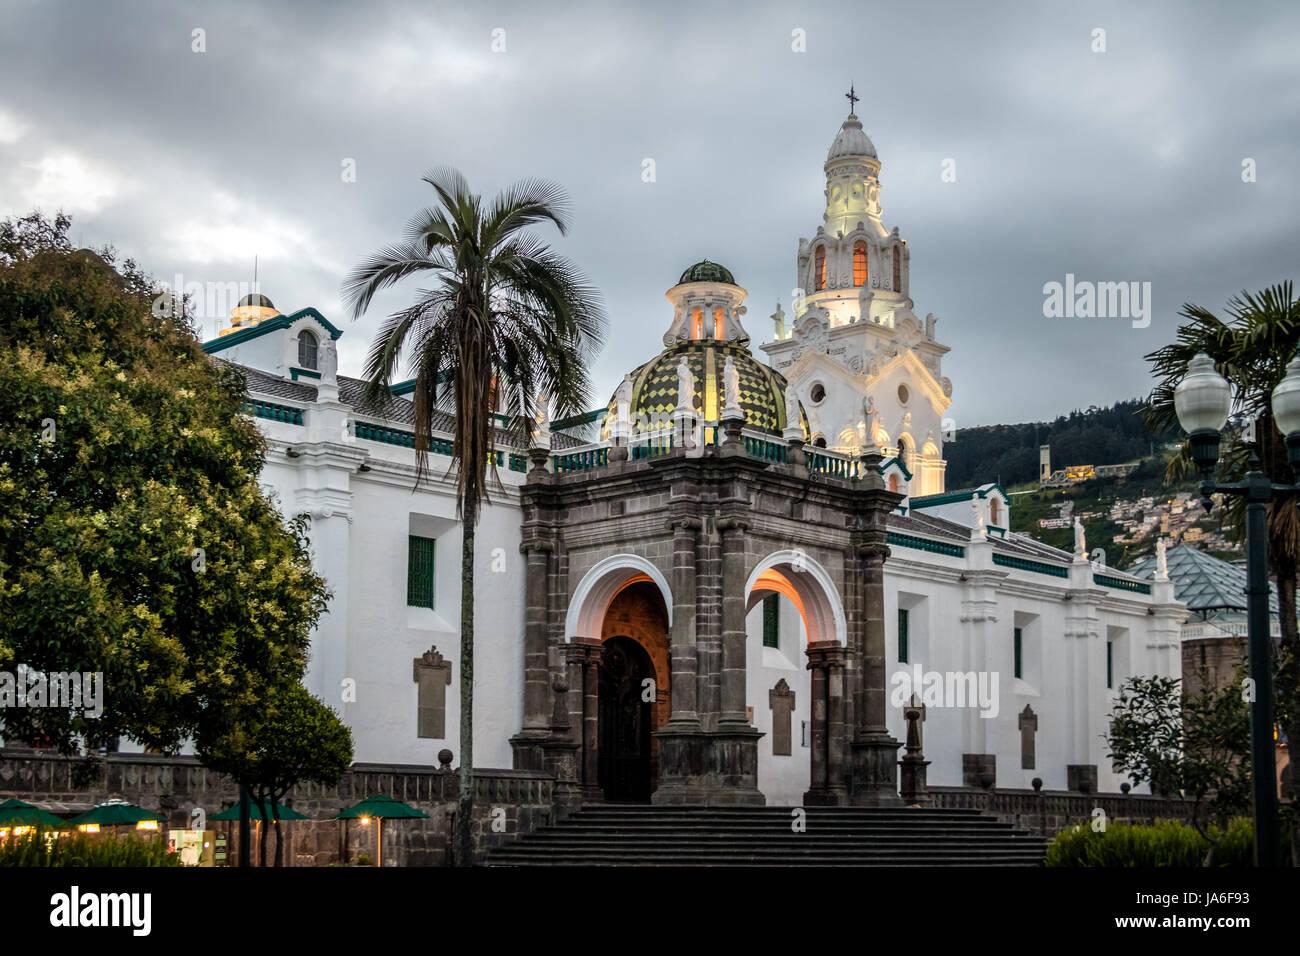 Plaza Grande e Cattedrale Metropolitan - Quito, Ecuador Immagini Stock